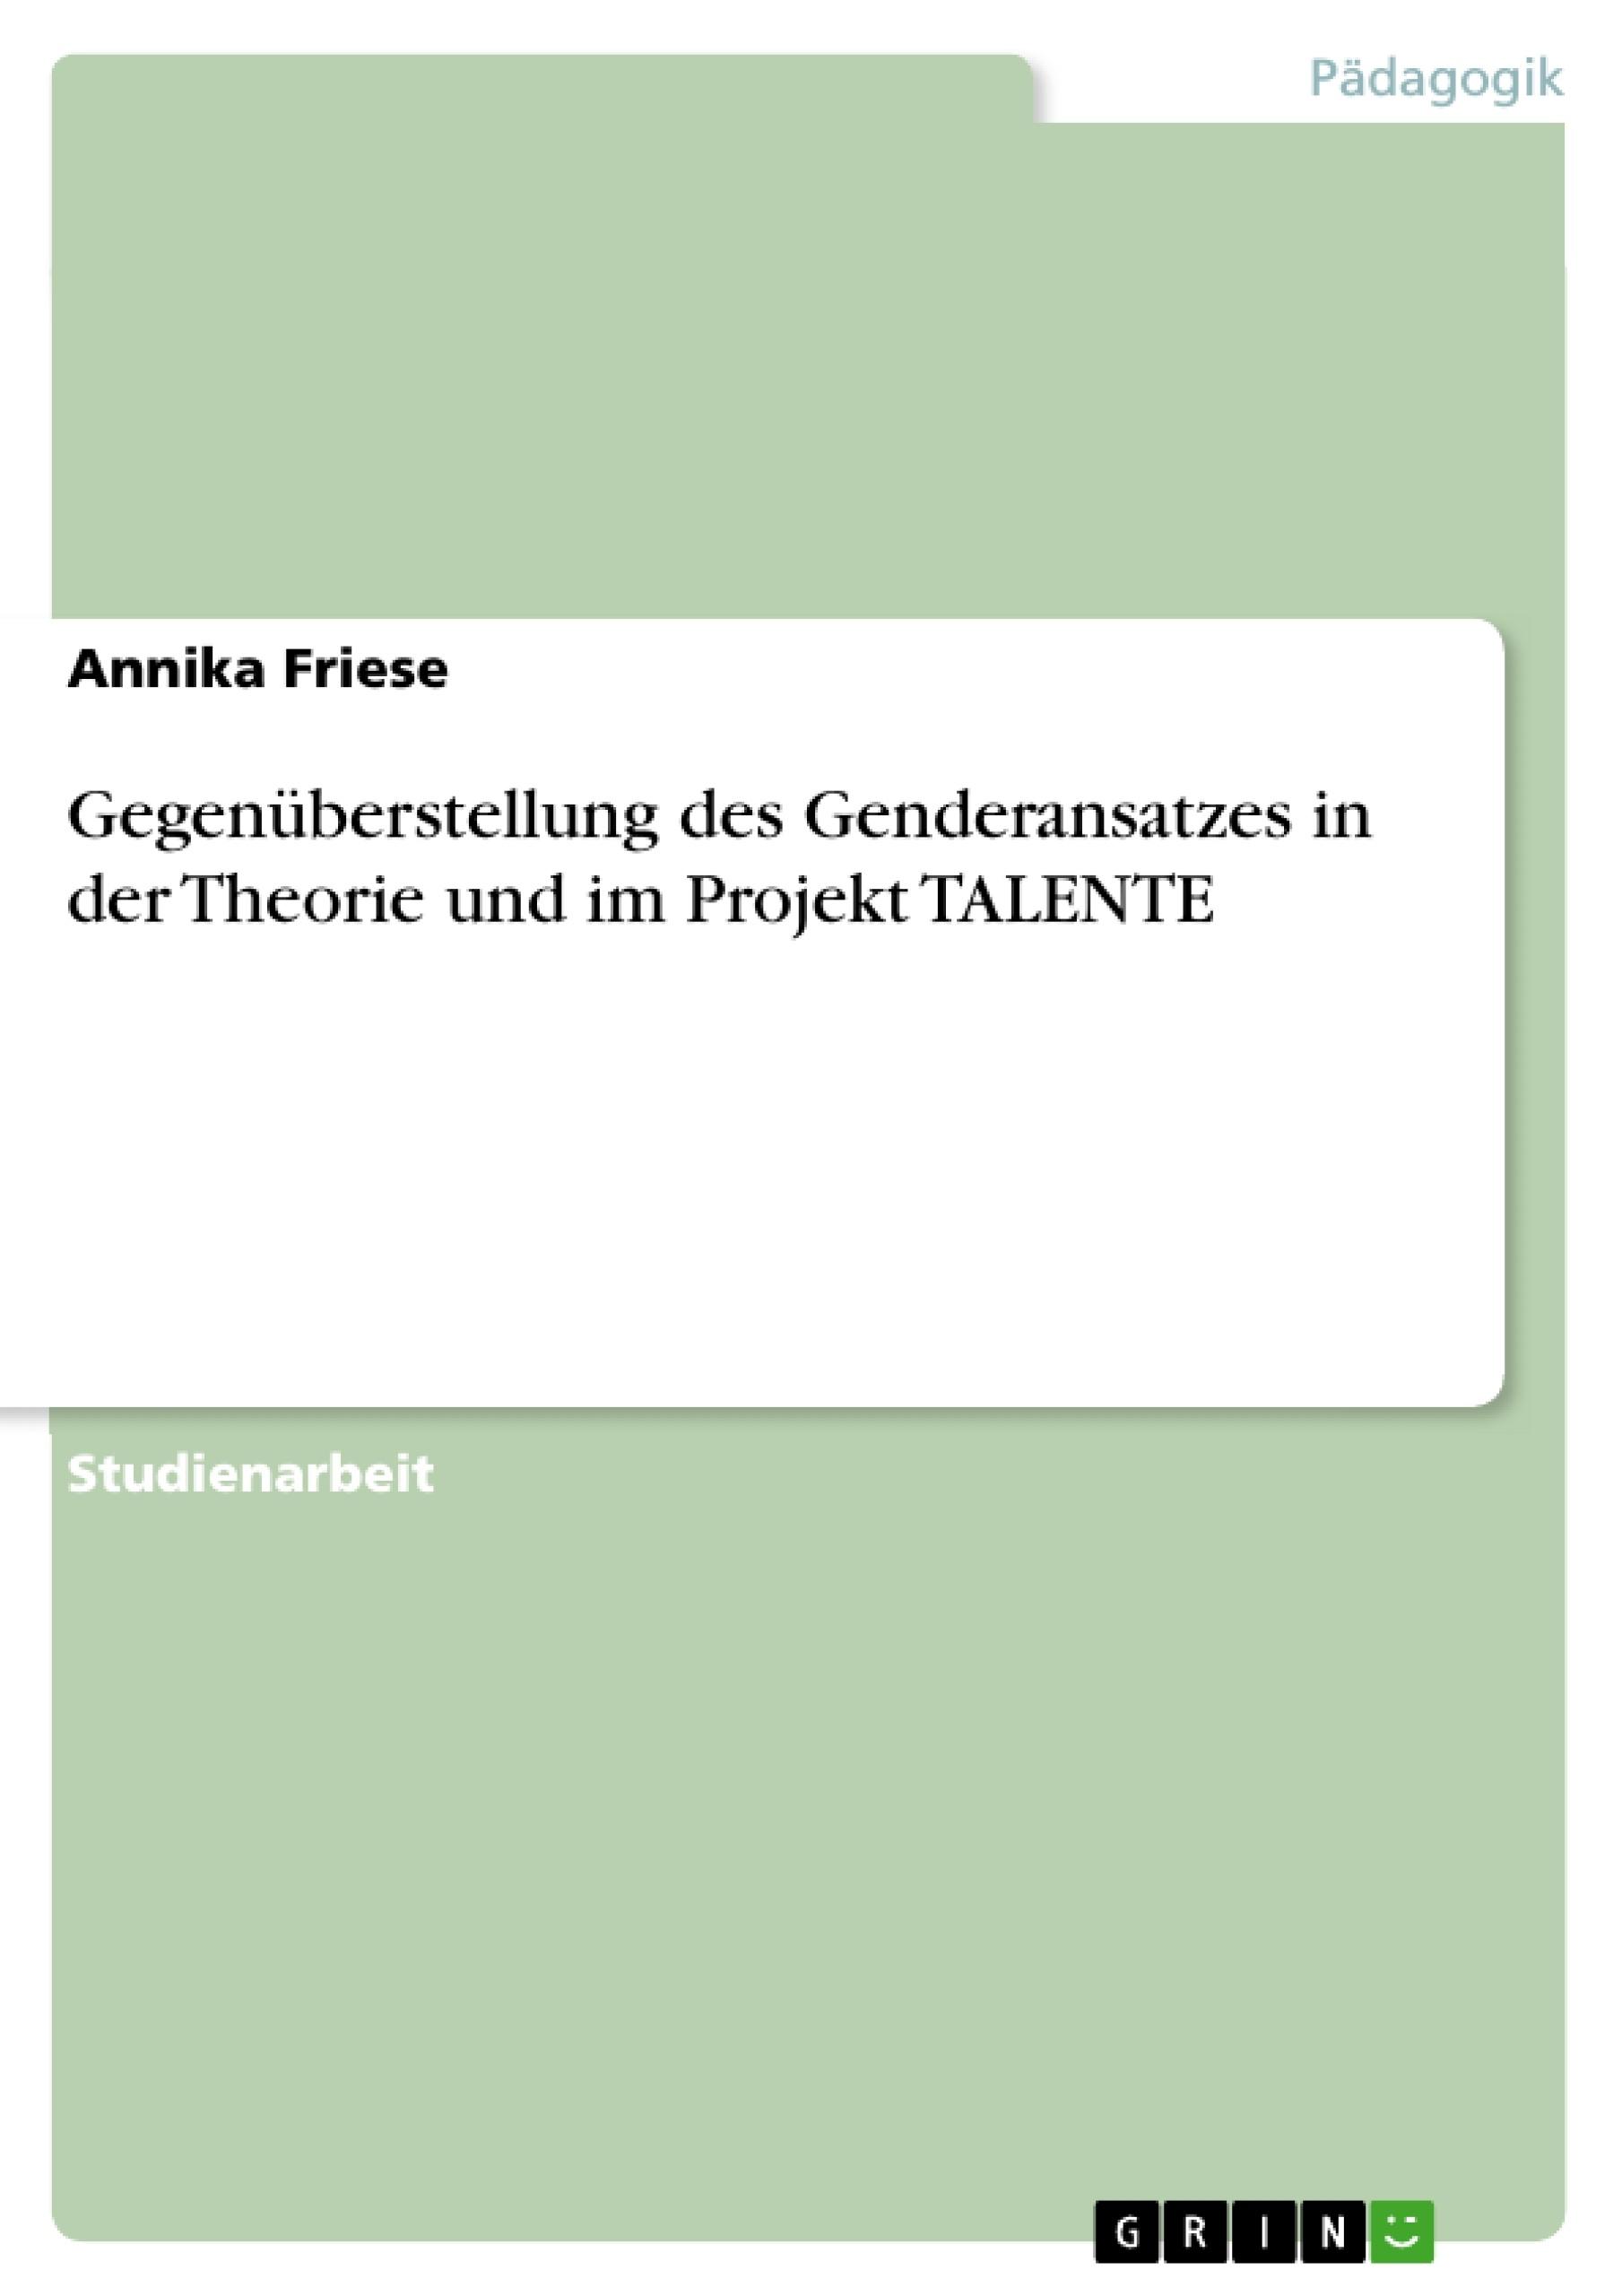 Titel: Gegenüberstellung des Genderansatzes in der Theorie und im Projekt TALENTE